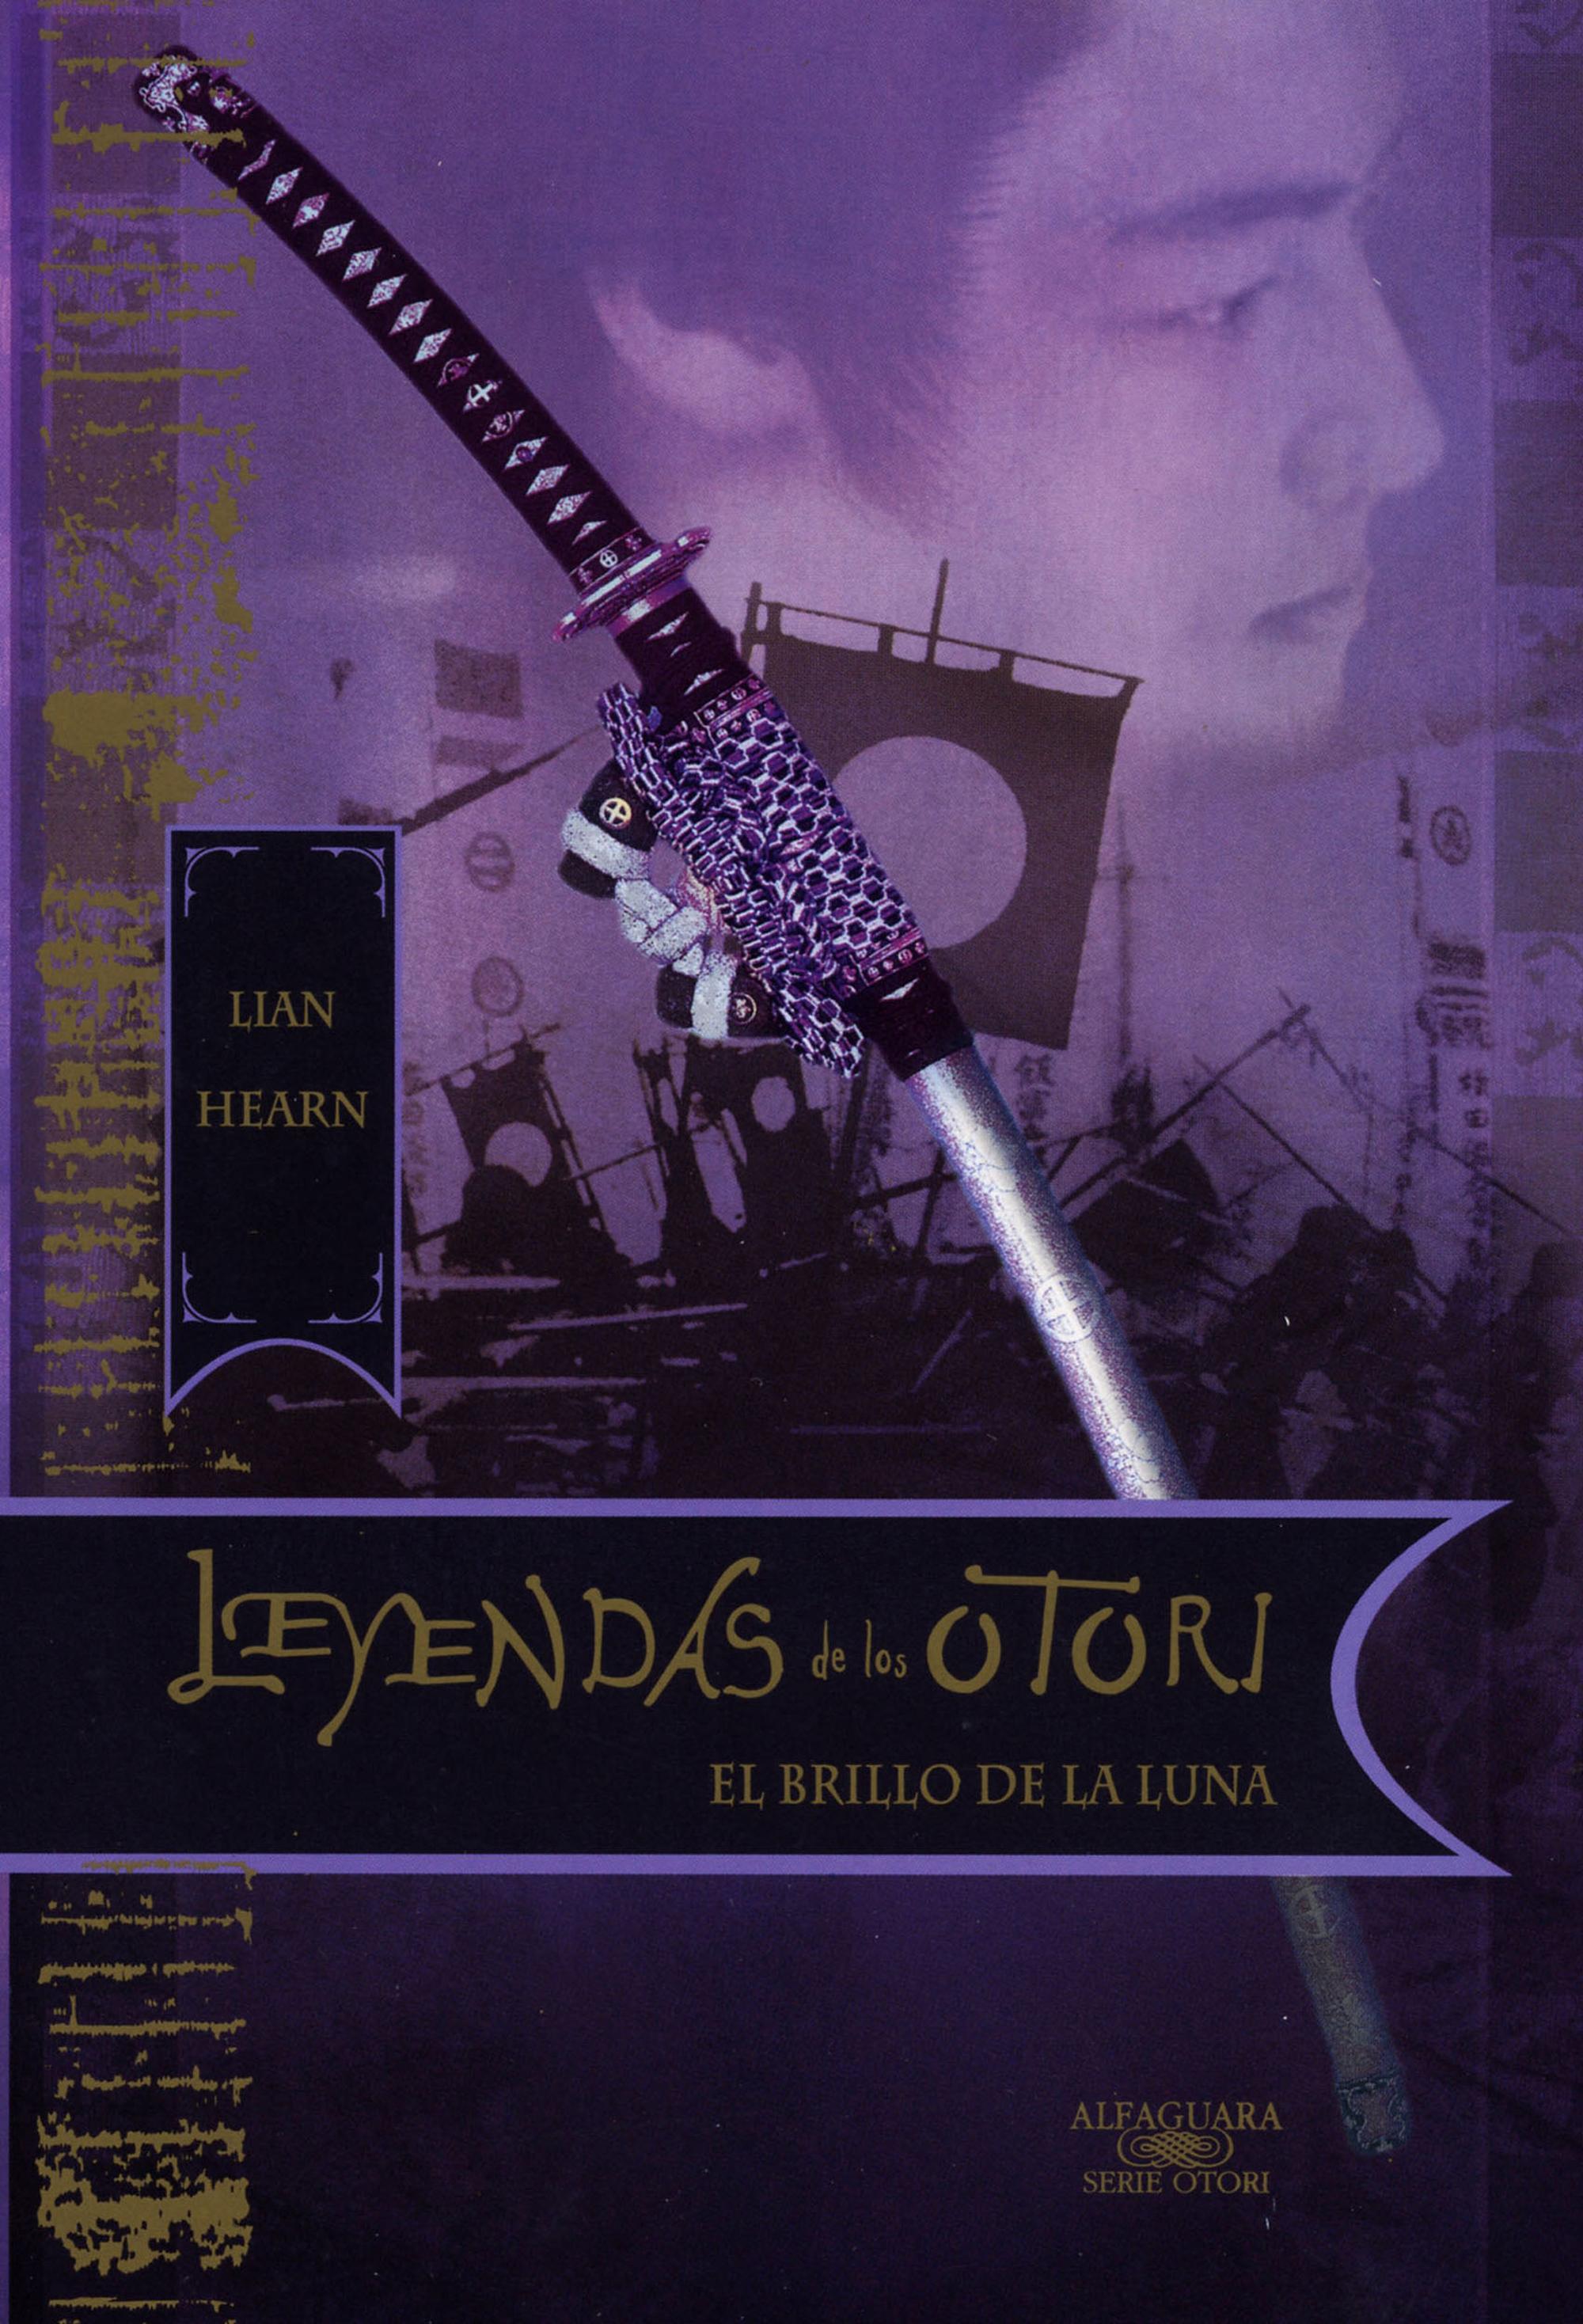 El brillo de la luna (Leyendas de los Otori 3) – Lian Hearn